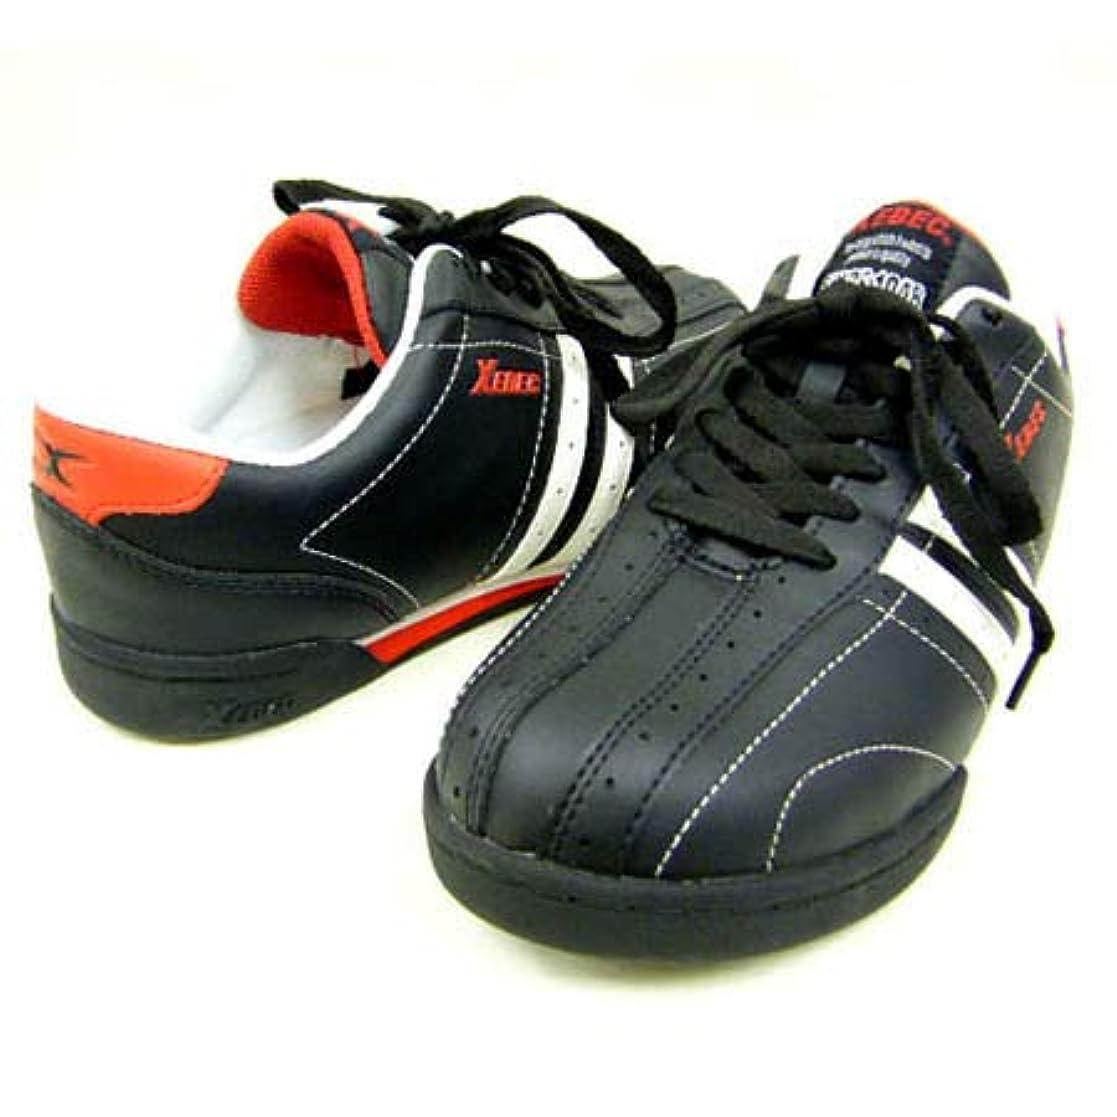 放映熱狂的な願う[ジーベック] 安全靴 安全スニーカー セーフティーシューズ 85116 黒